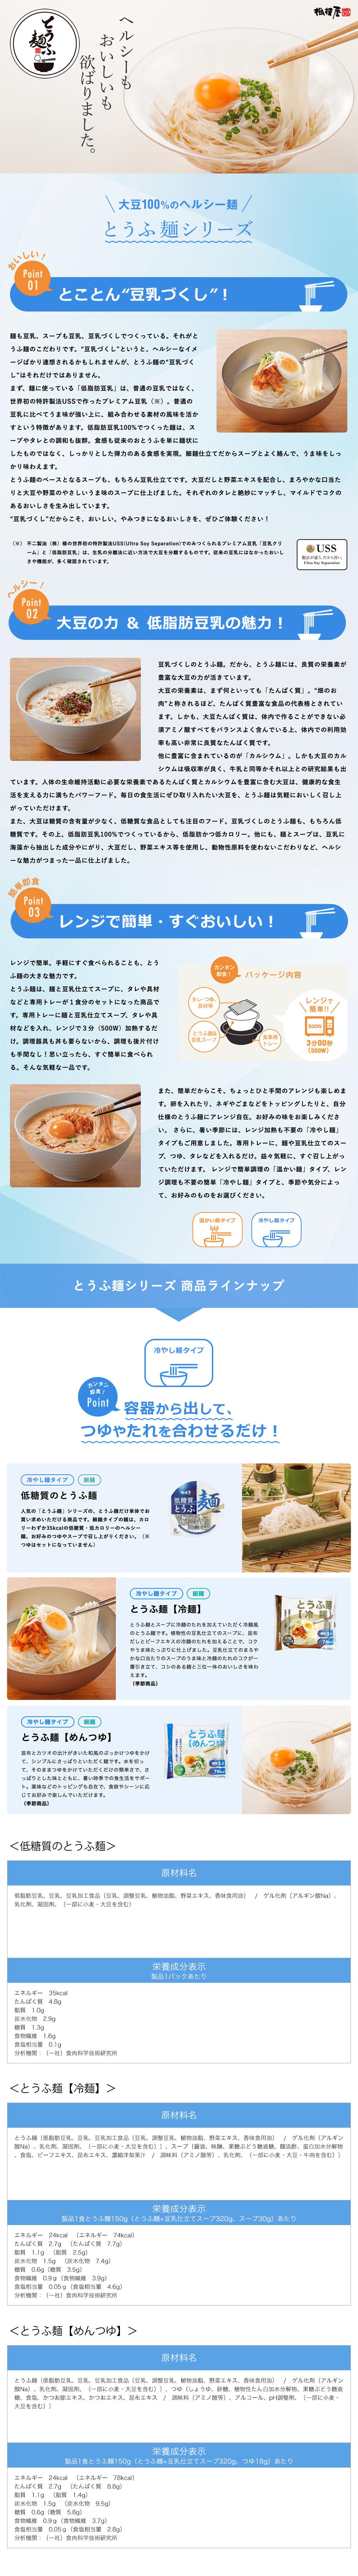 とうふ麺シリーズ